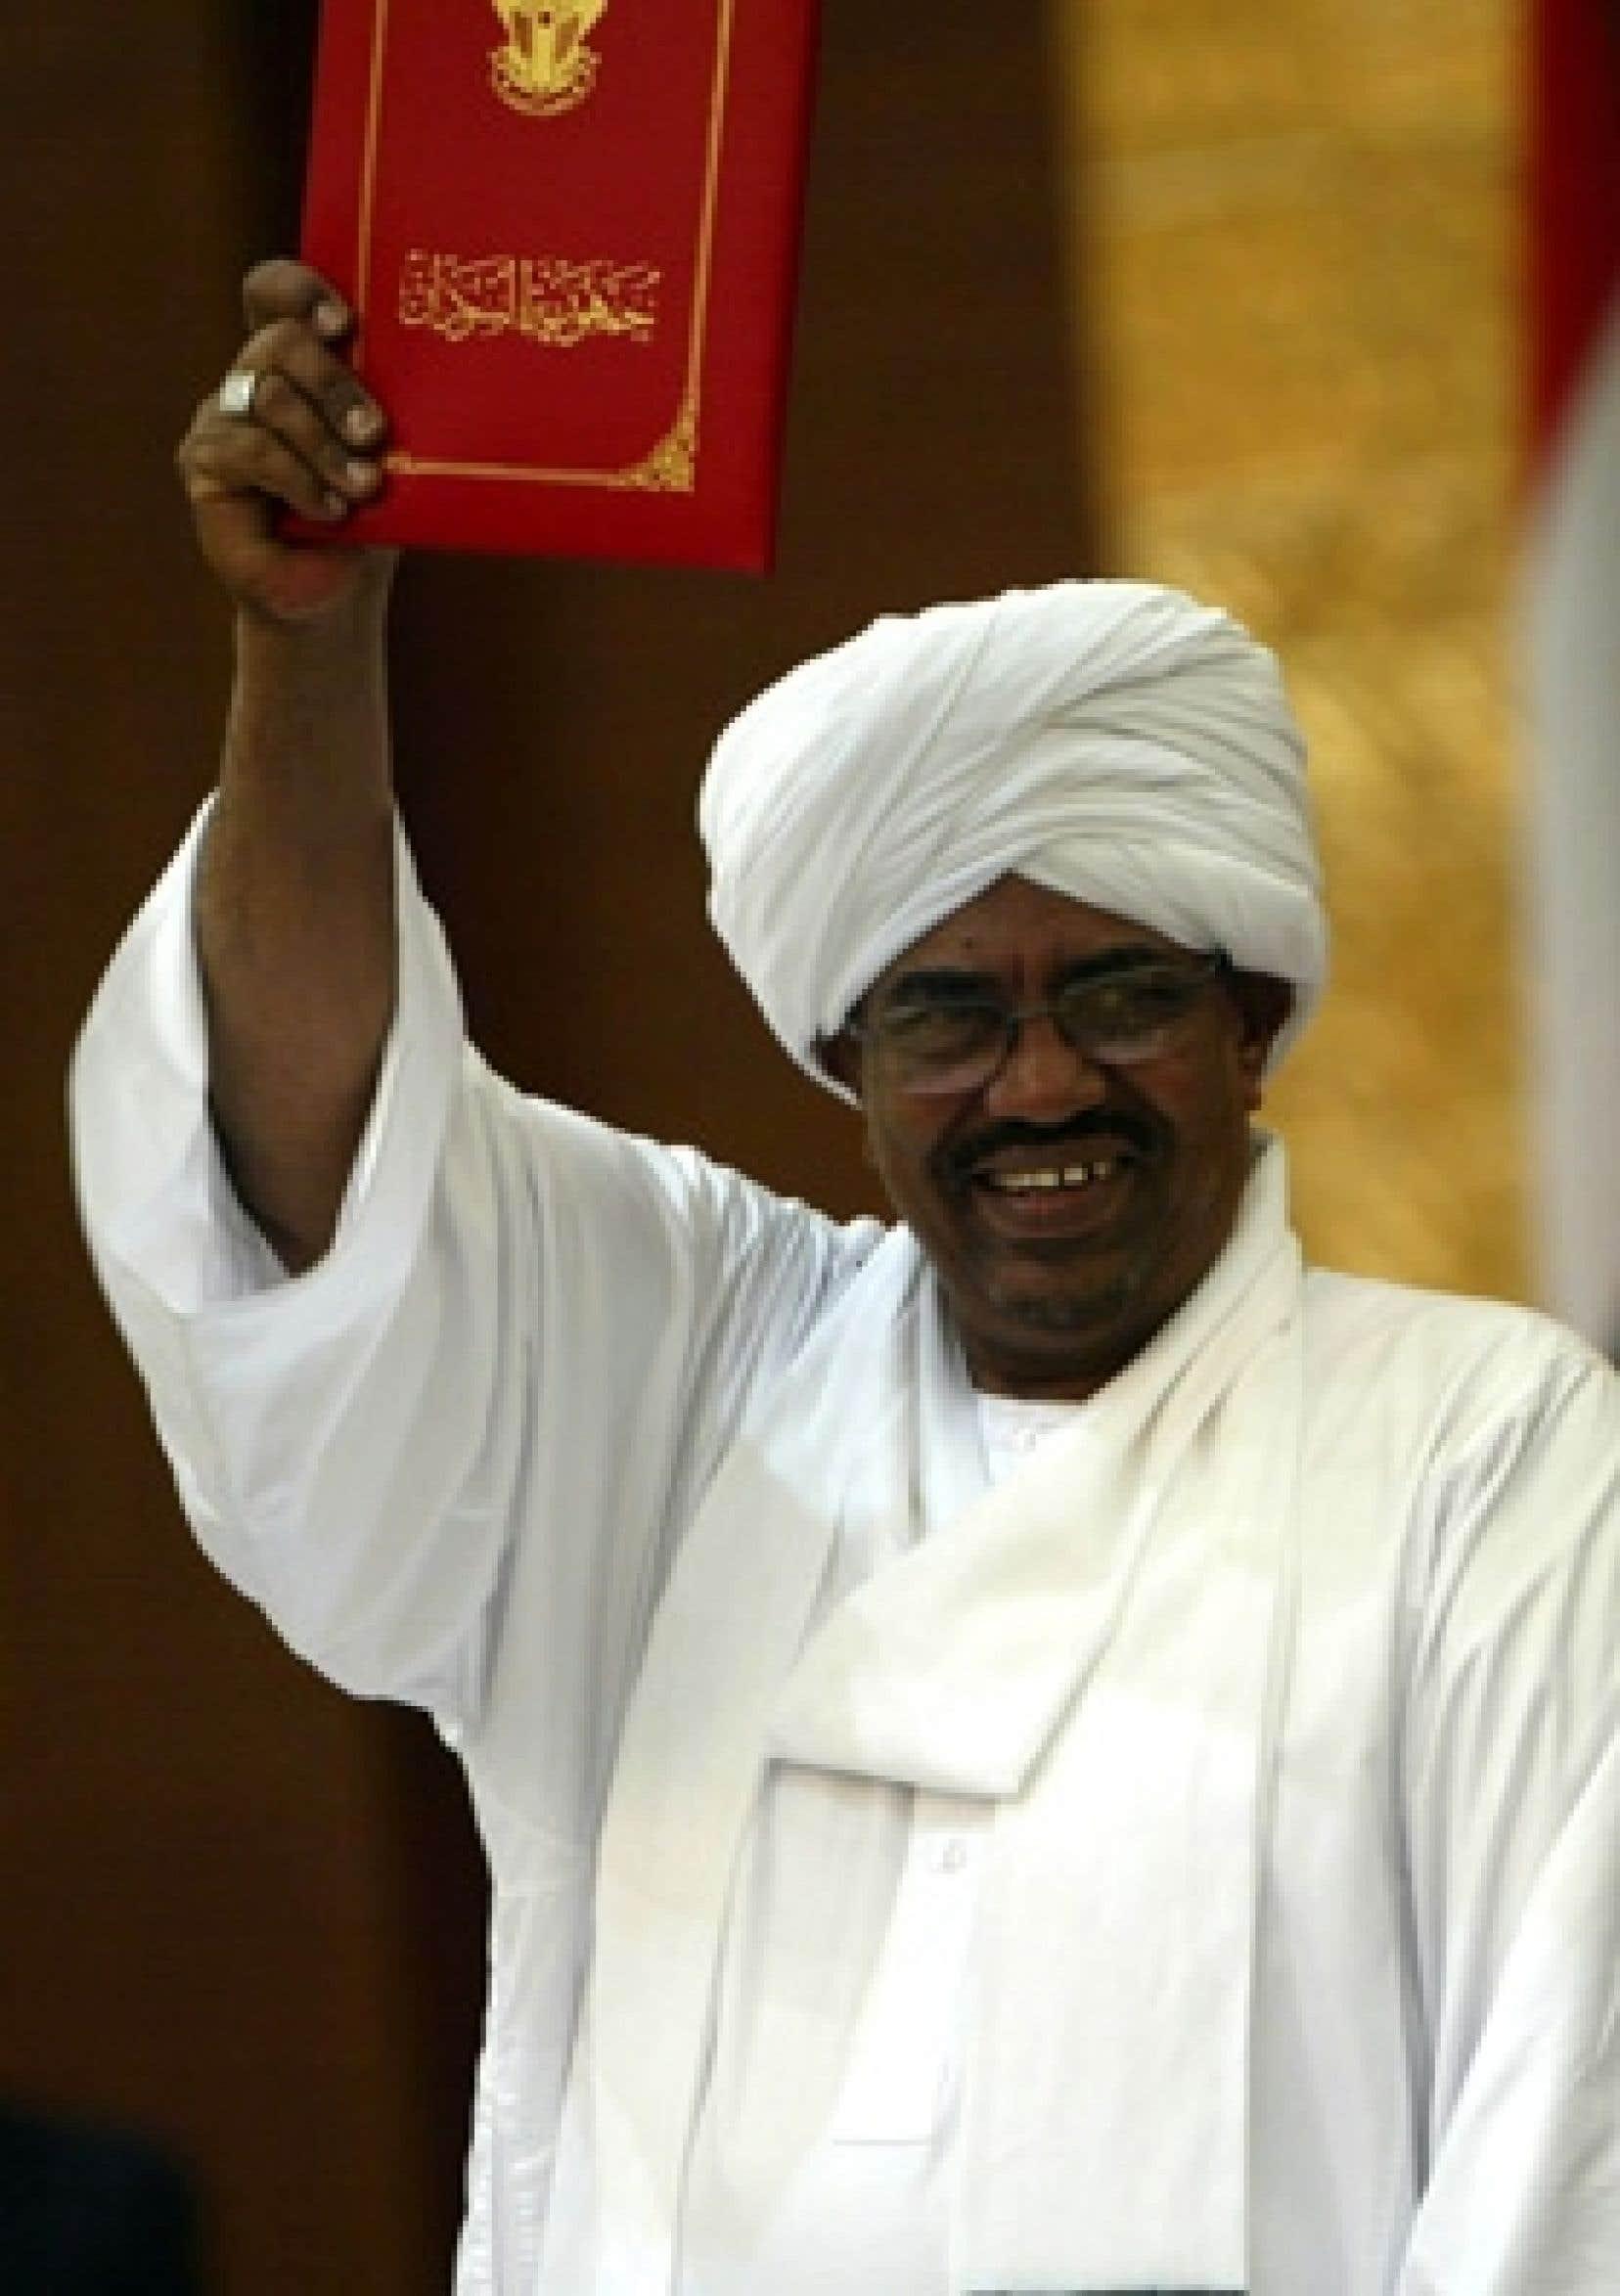 Le président soudanais Omar el-Béchir brandit la nouvelle loi électorale signée hier. Un mandat d'arrêt a été requis contre lui à la suite d'accusations de génocide au Darfour.